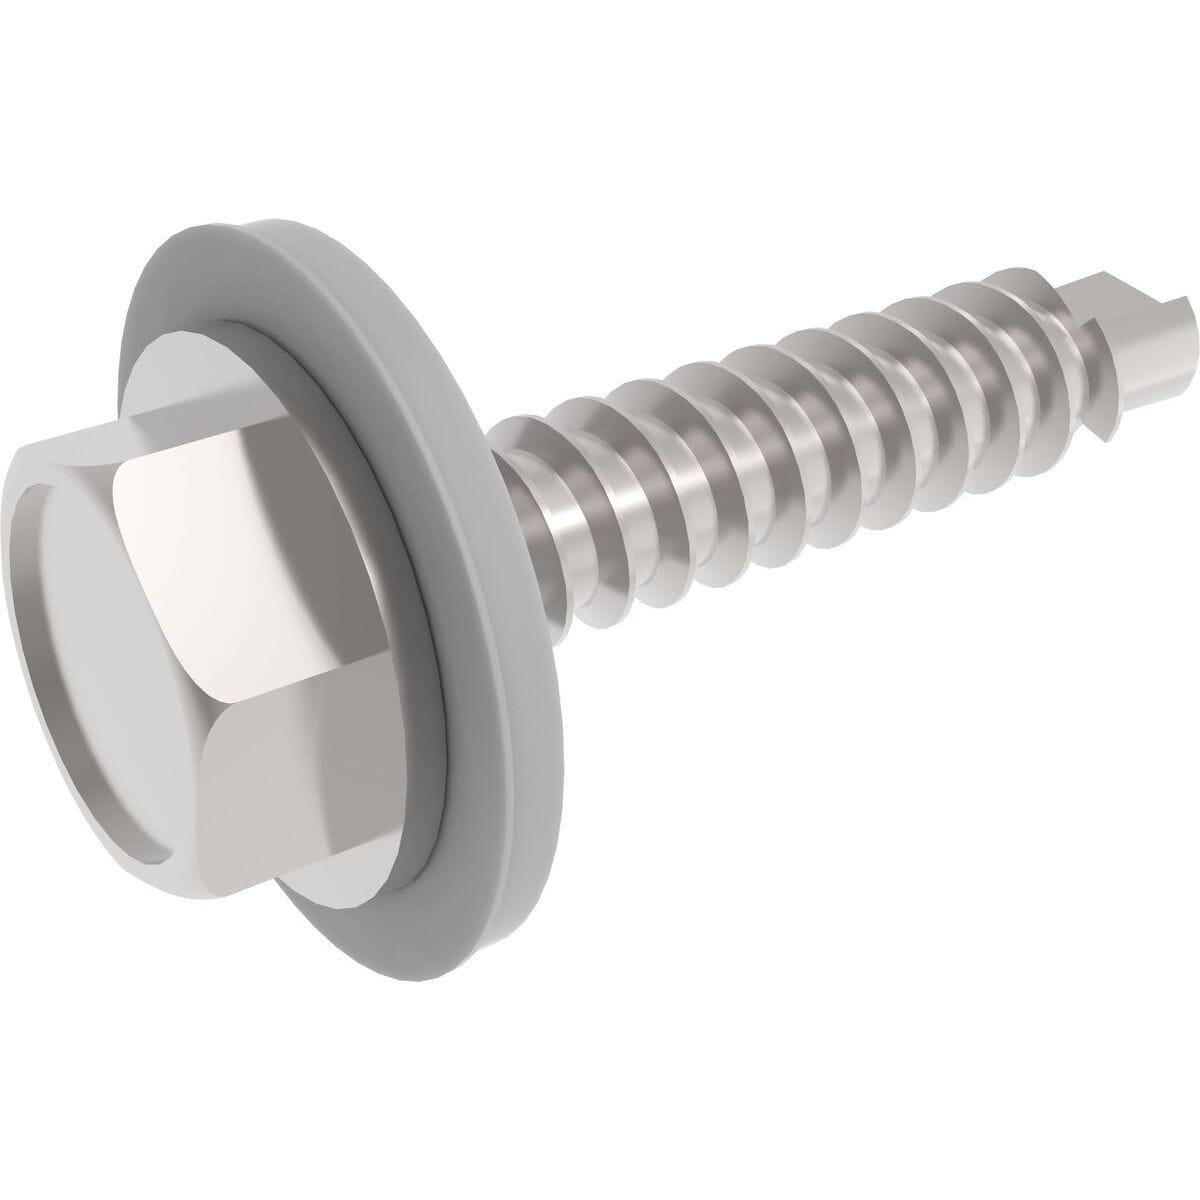 No.12 (5.5mm) x 32mm Sealing Self Drilling Hexagon Tek Screws (DIN 7504K) - Stainless Steel (A2)